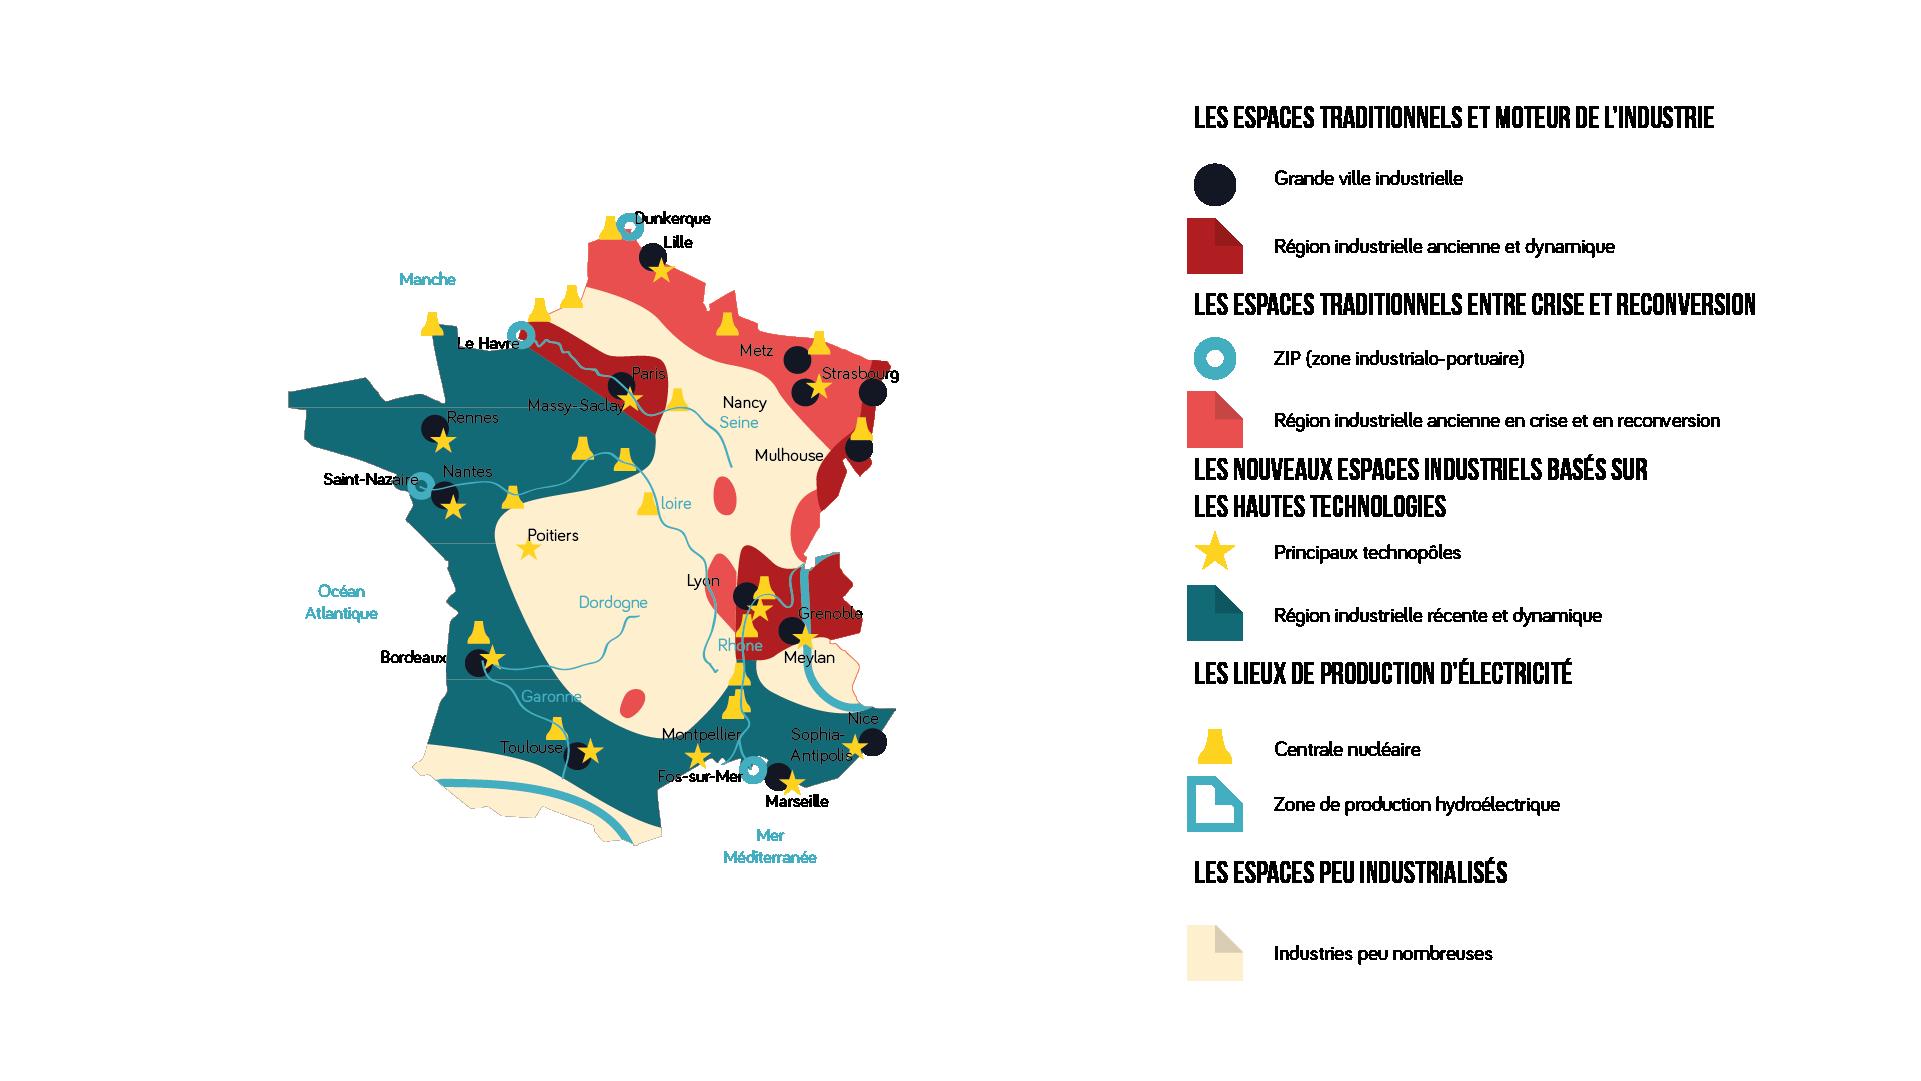 L'espace industriel français géographie 3e